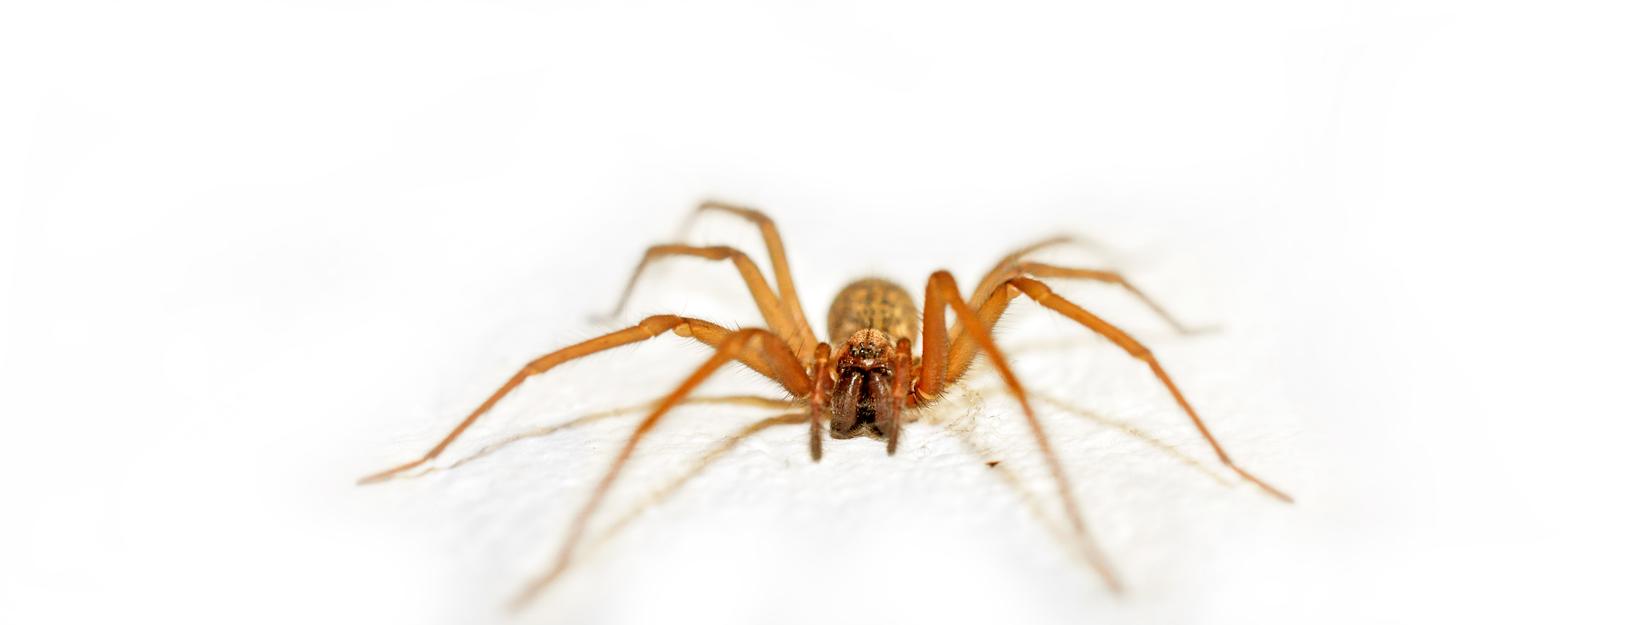 Araña de rincón: viviendo con el enemigo - Diciembre | Clínica ...